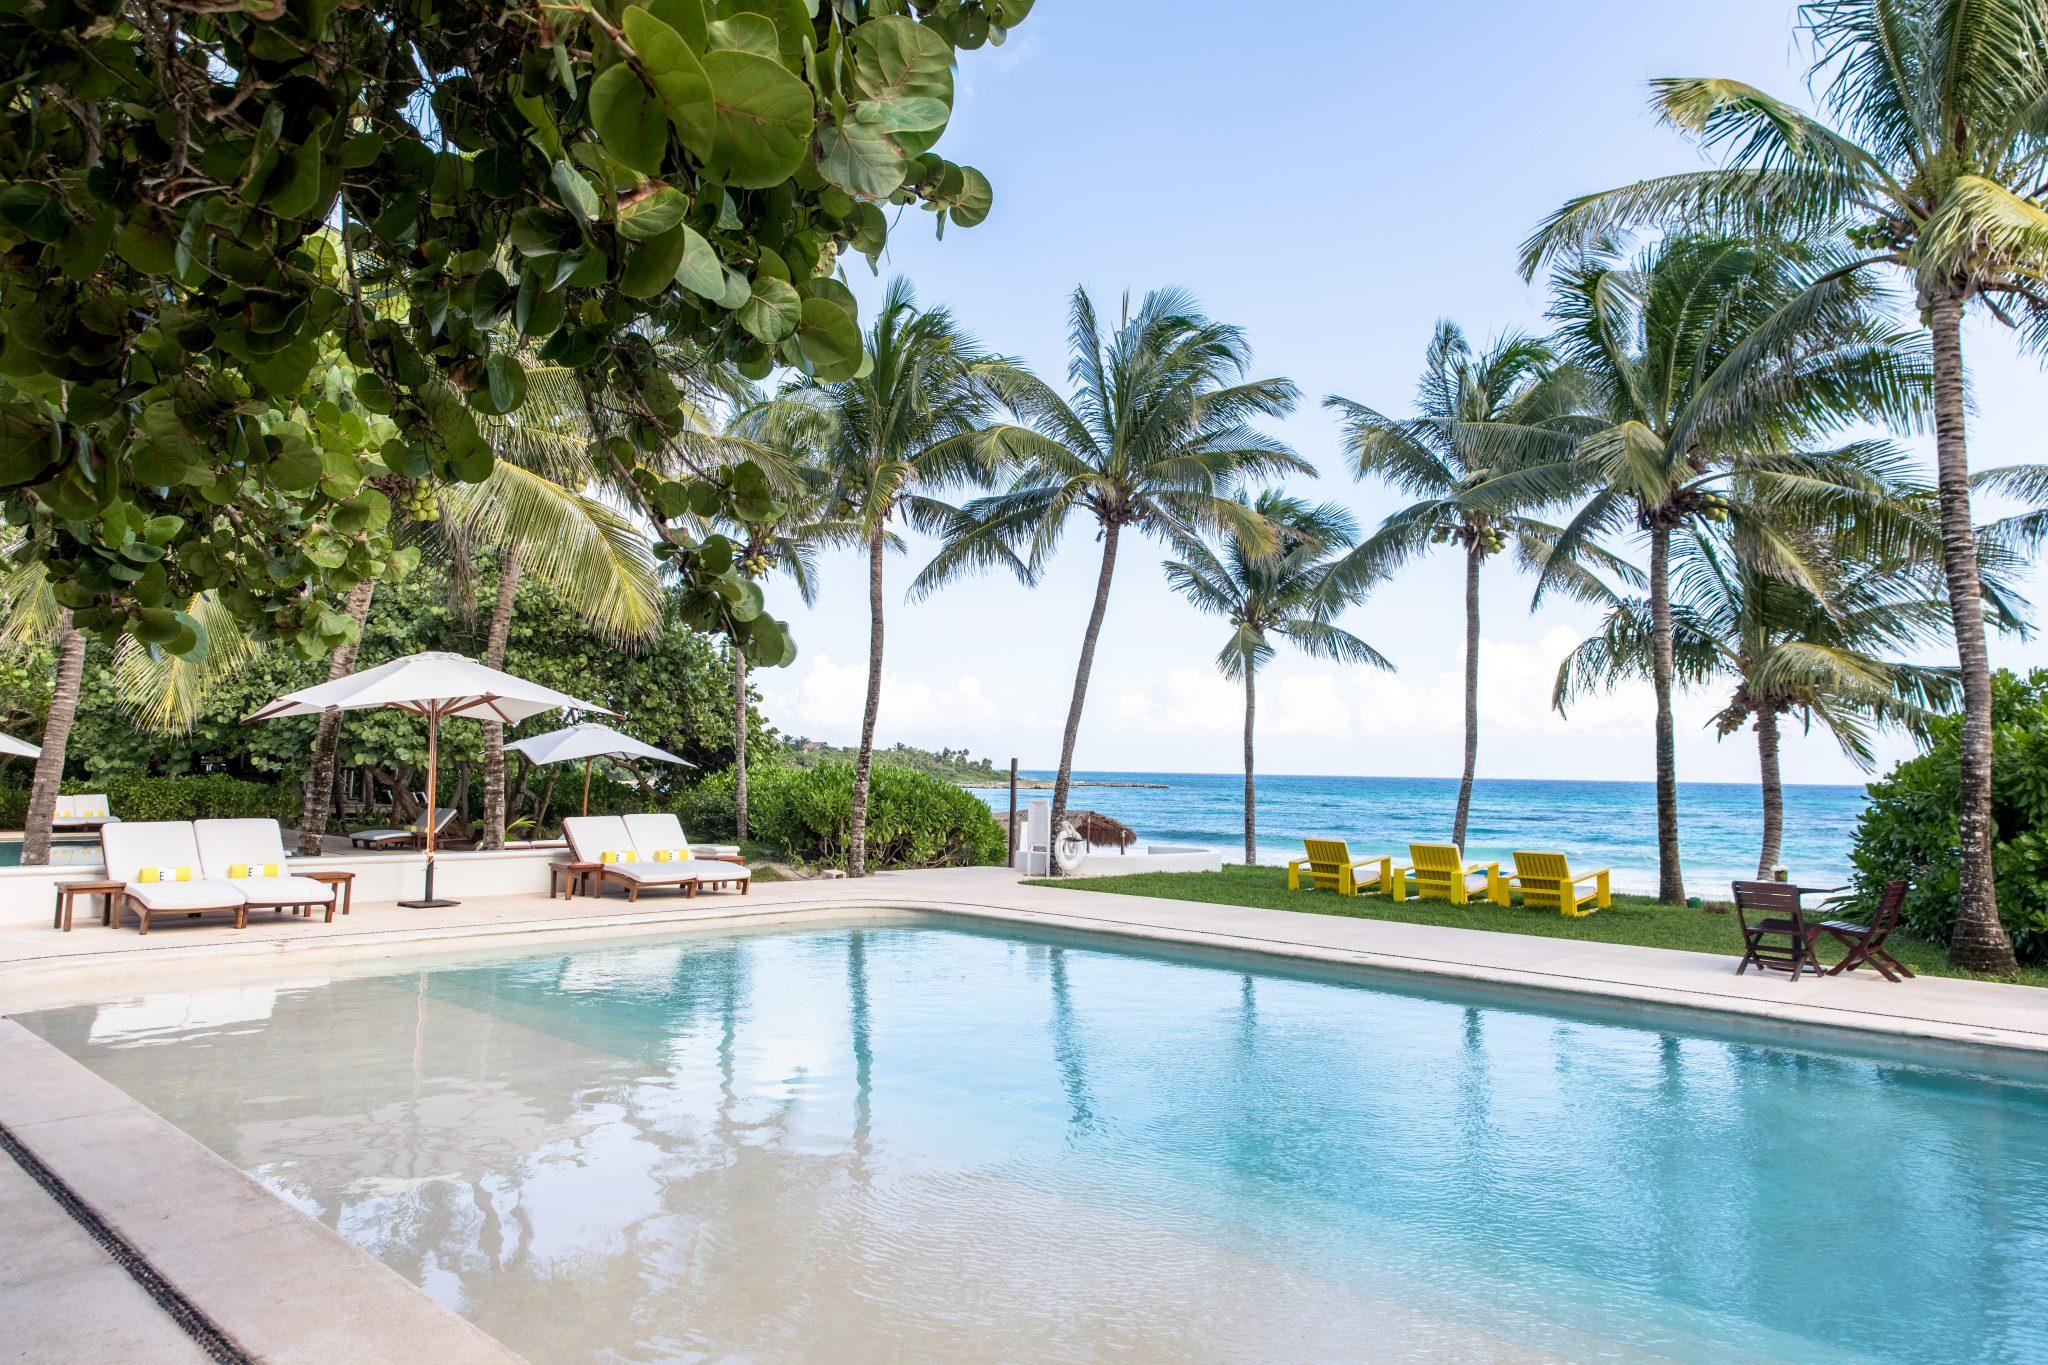 Hotel Esencia Pools